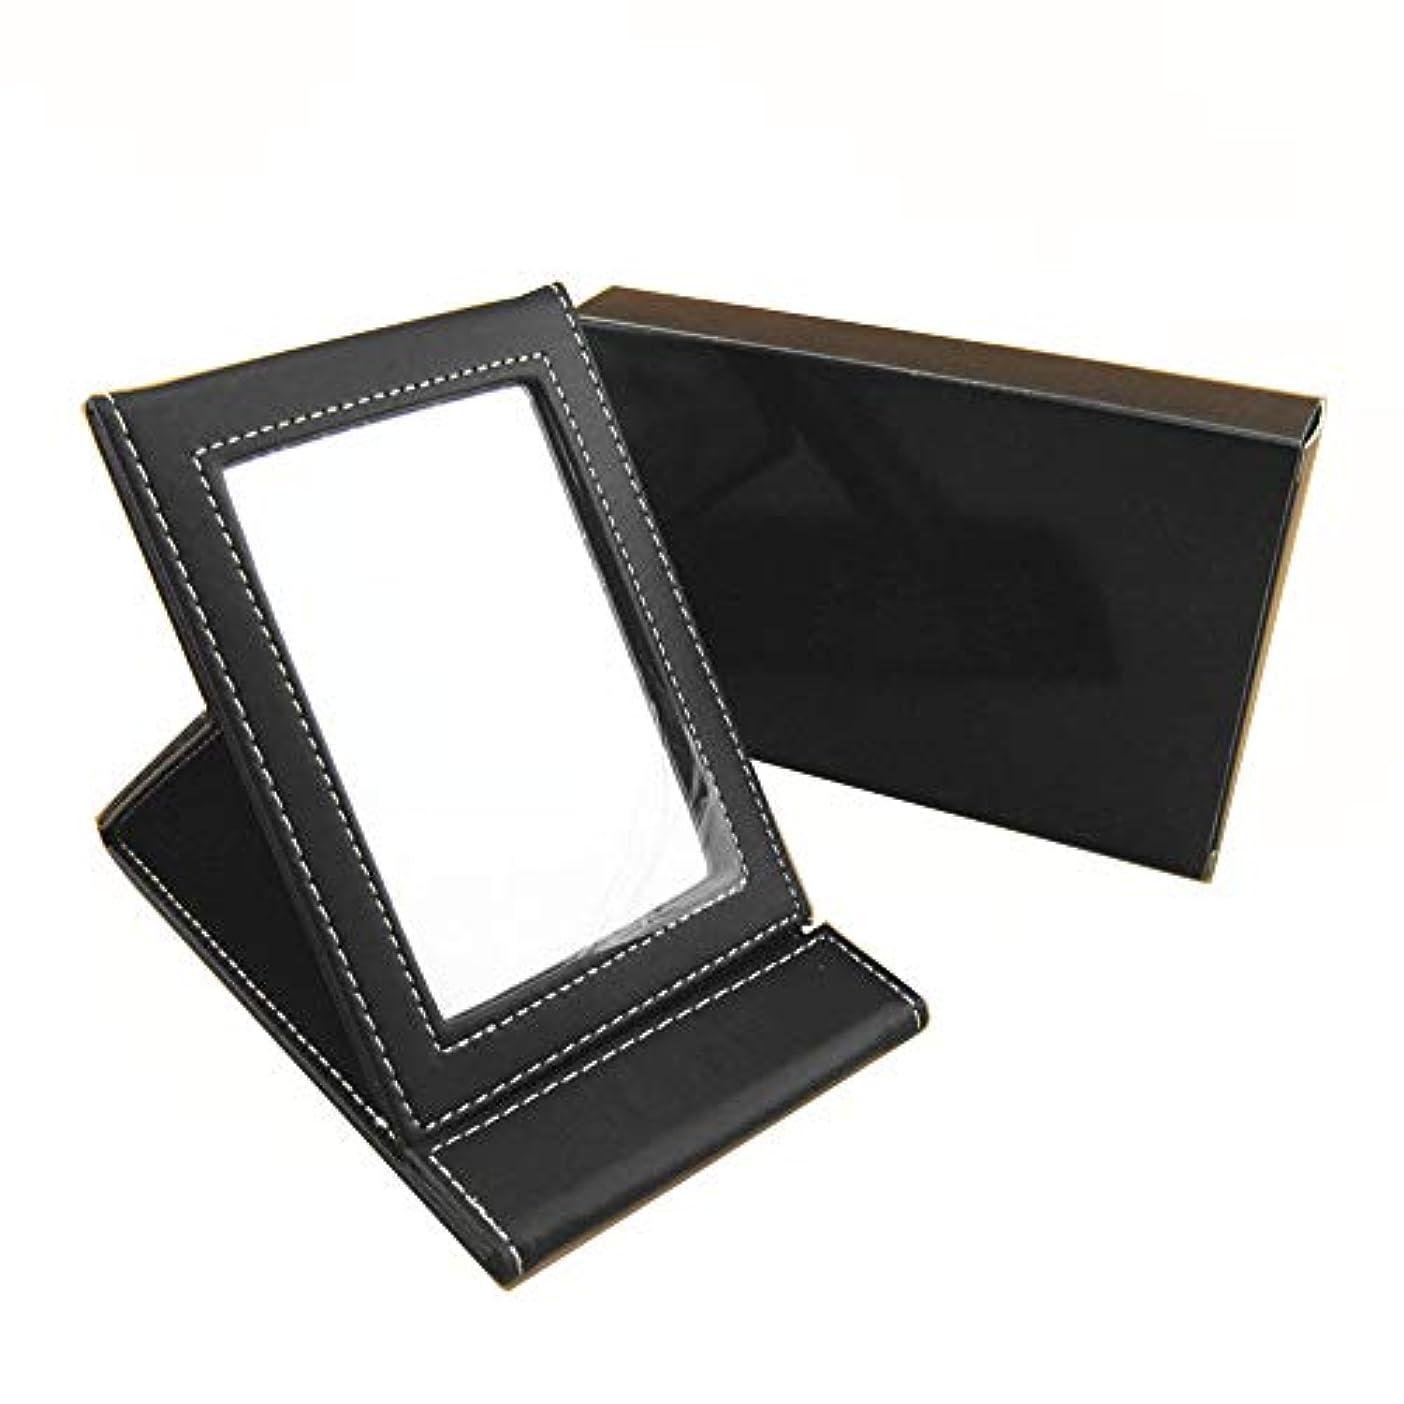 高潔な手つかずのスロットCikoume 化粧鏡 折り畳み鏡 デスクトップ ミラー 携帯 A4サイズ 卓上 鏡 上質PUレザー使用 【ブラック】